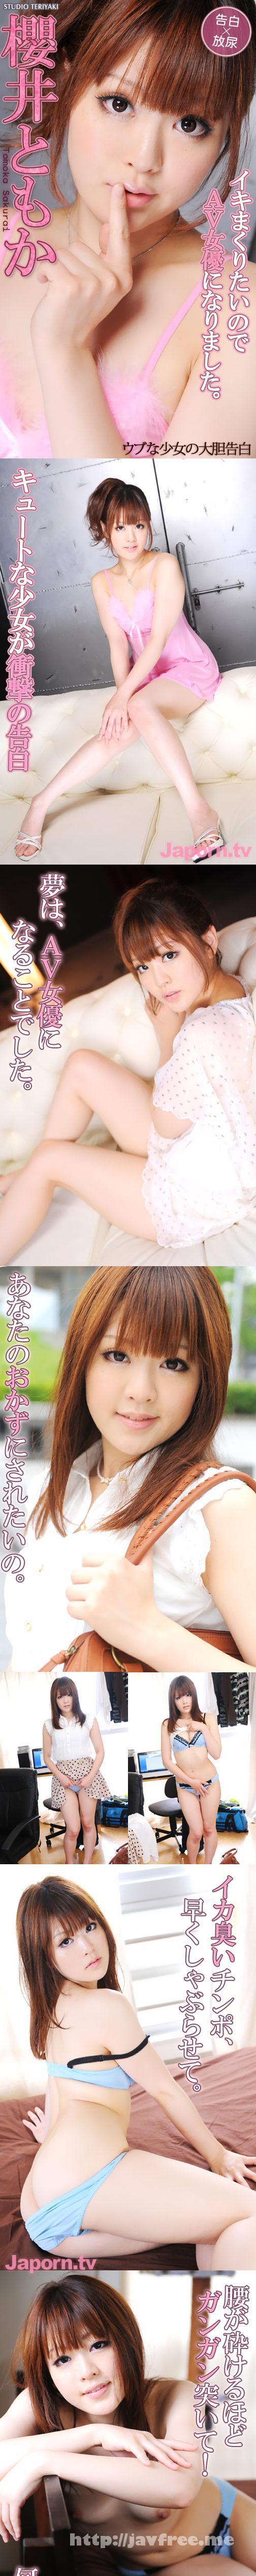 [PT-90] イキまくりたいのでAV女優になりました : 櫻井ともか - image PT-90_1 on https://javfree.me